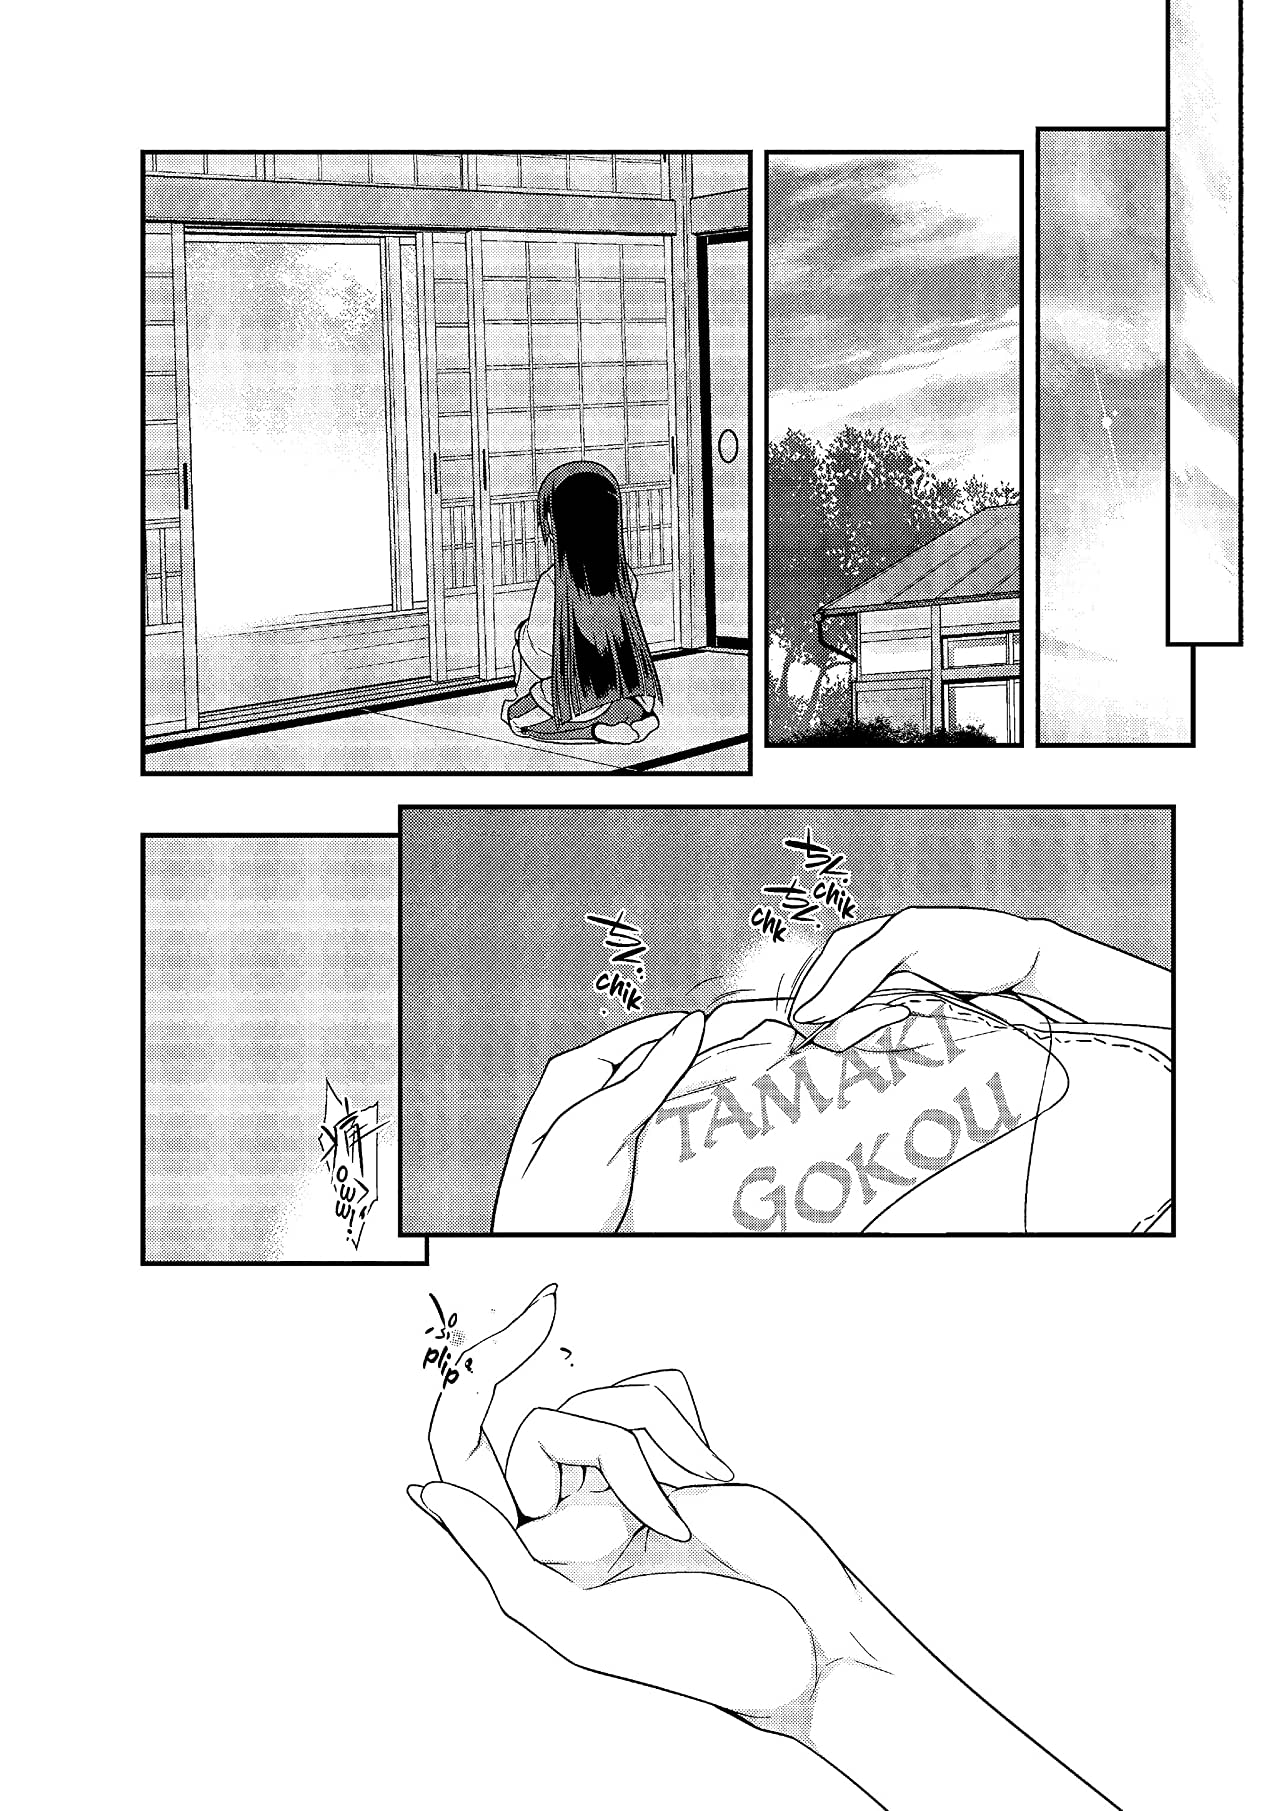 Oreimo: Kuroneko Vol. 5